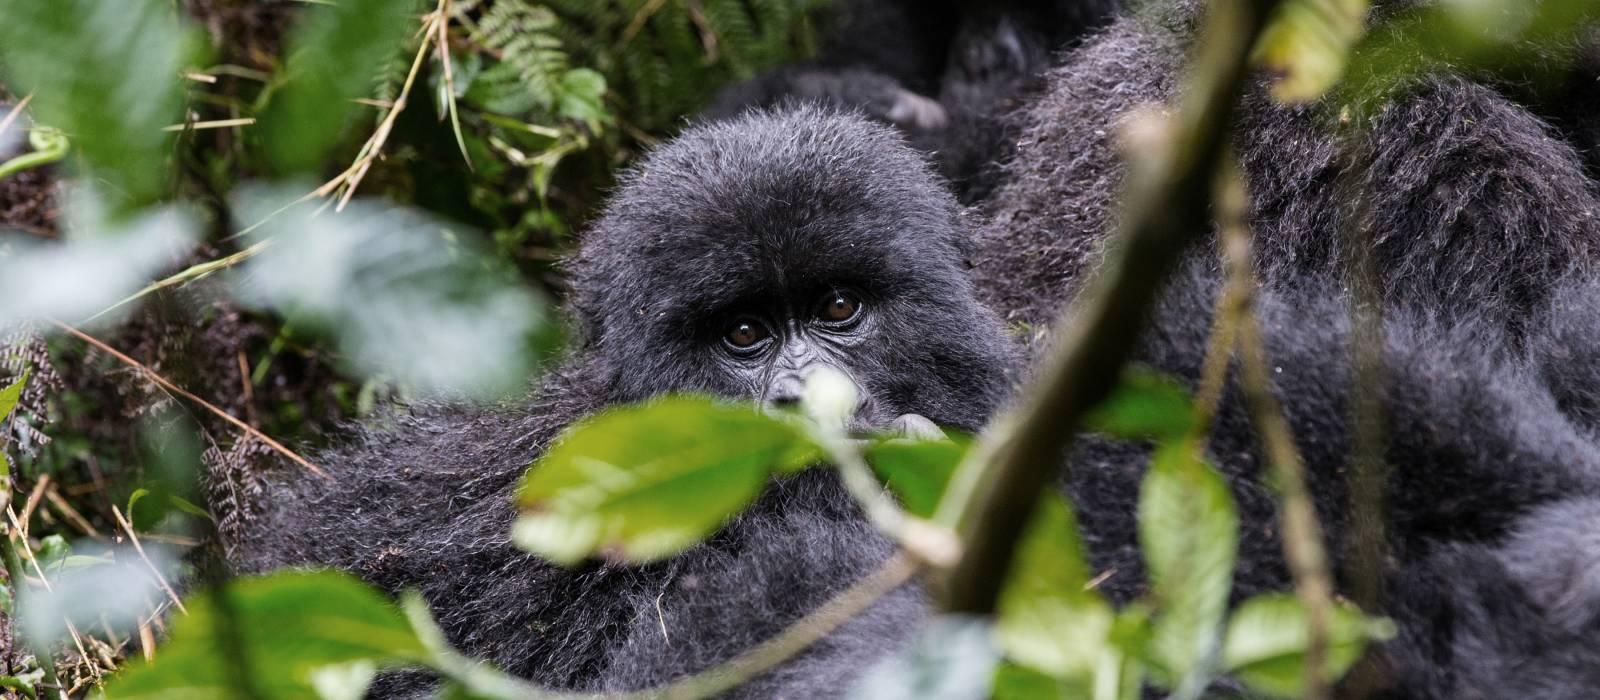 Baby Gorilla in Volcanoes National Park, Rwanda, Africa - things to do in rwanda